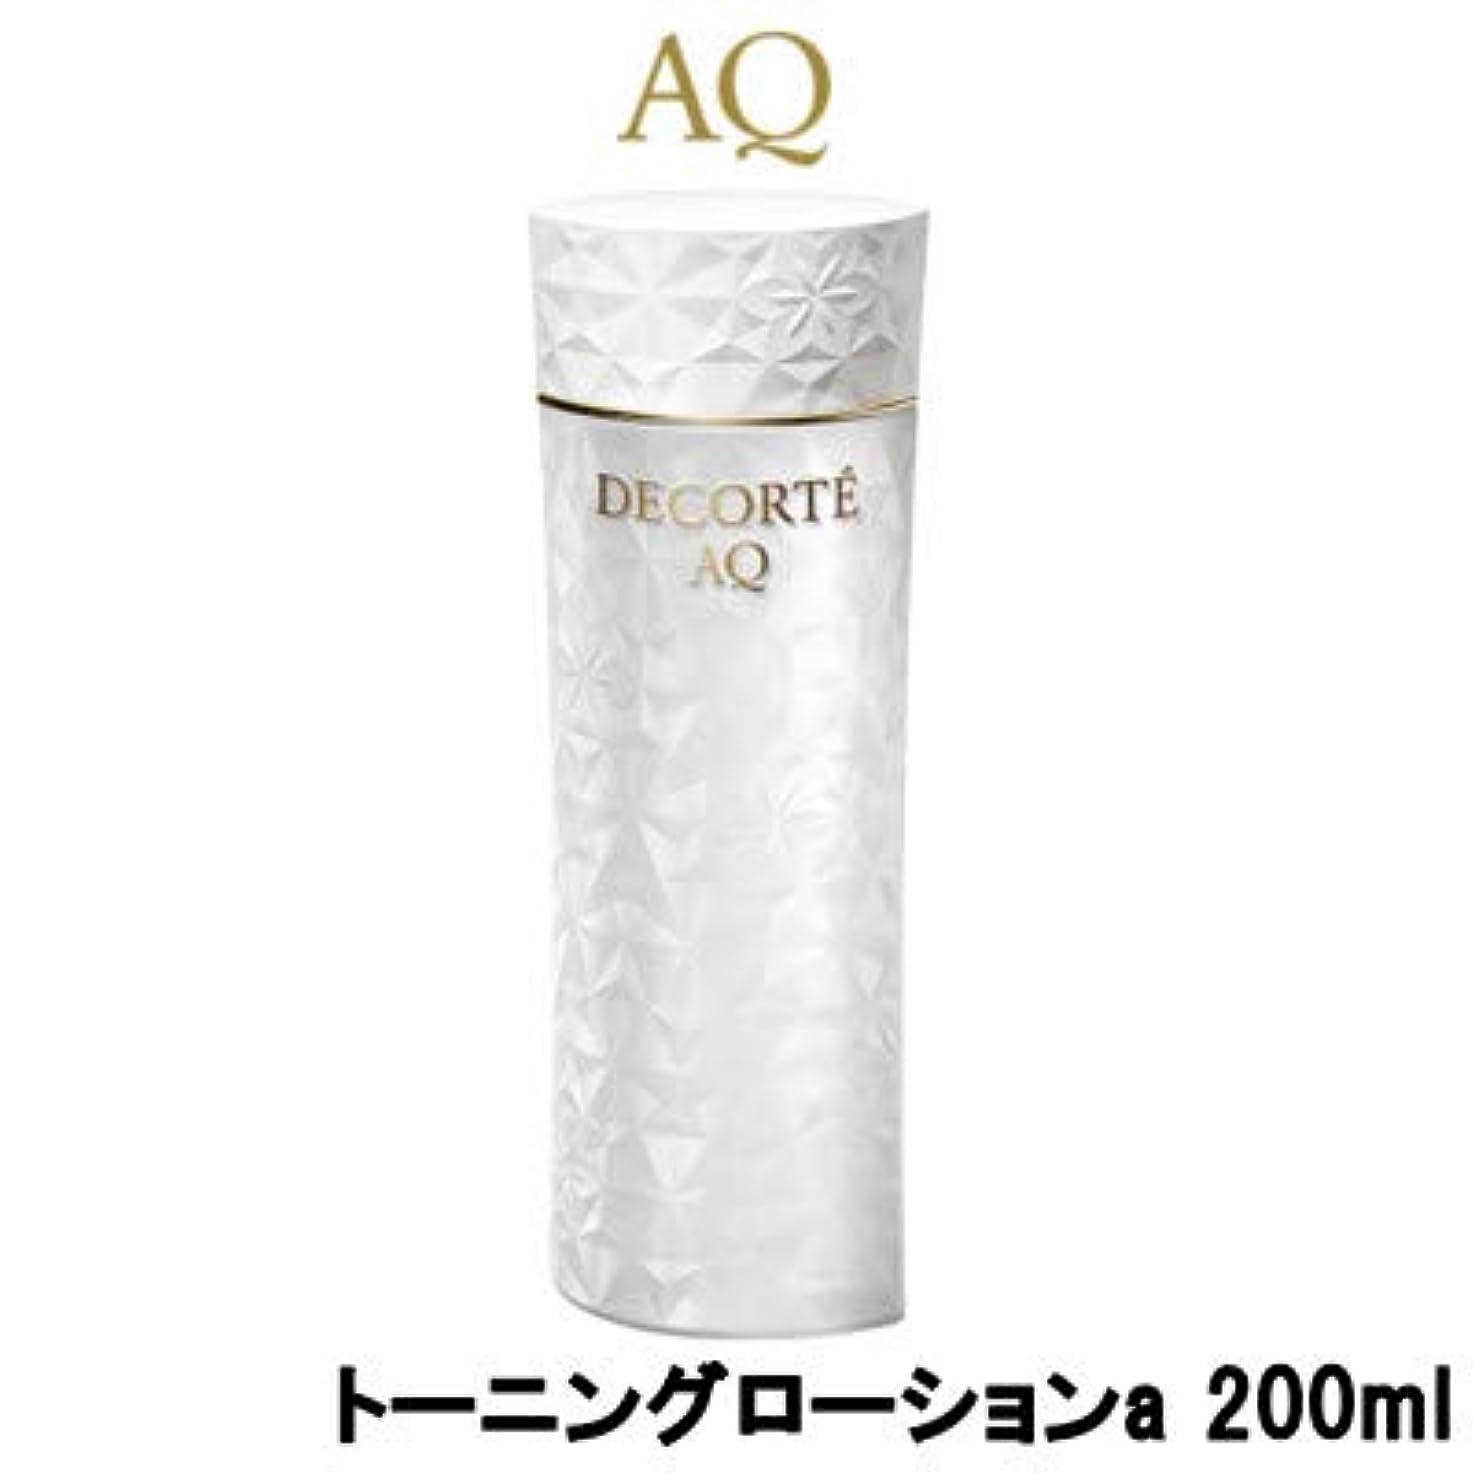 広げる非アクティブ飲食店コスメデコルテ AQ トーニングローションa(200ml)